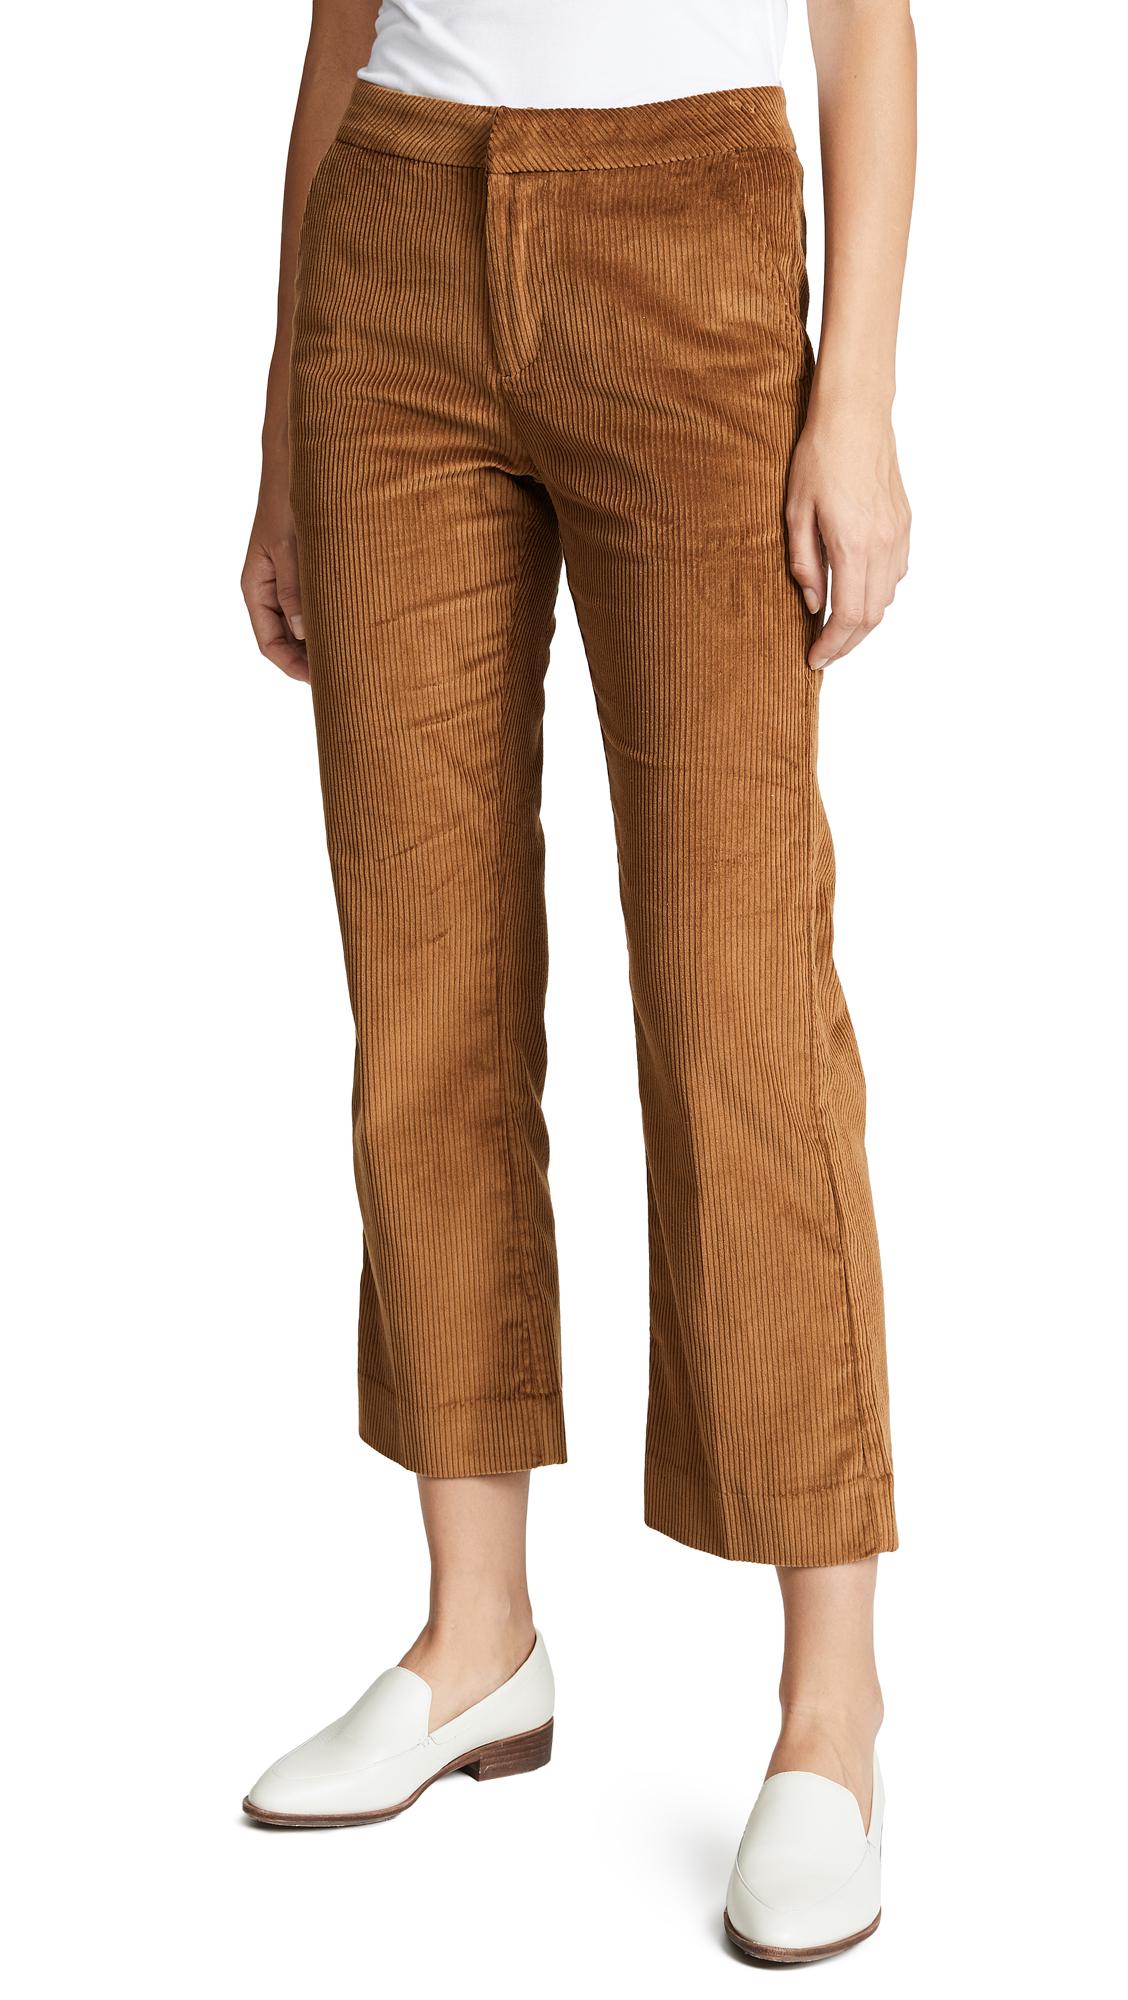 MKT STUDIO Polief Pants in Brown